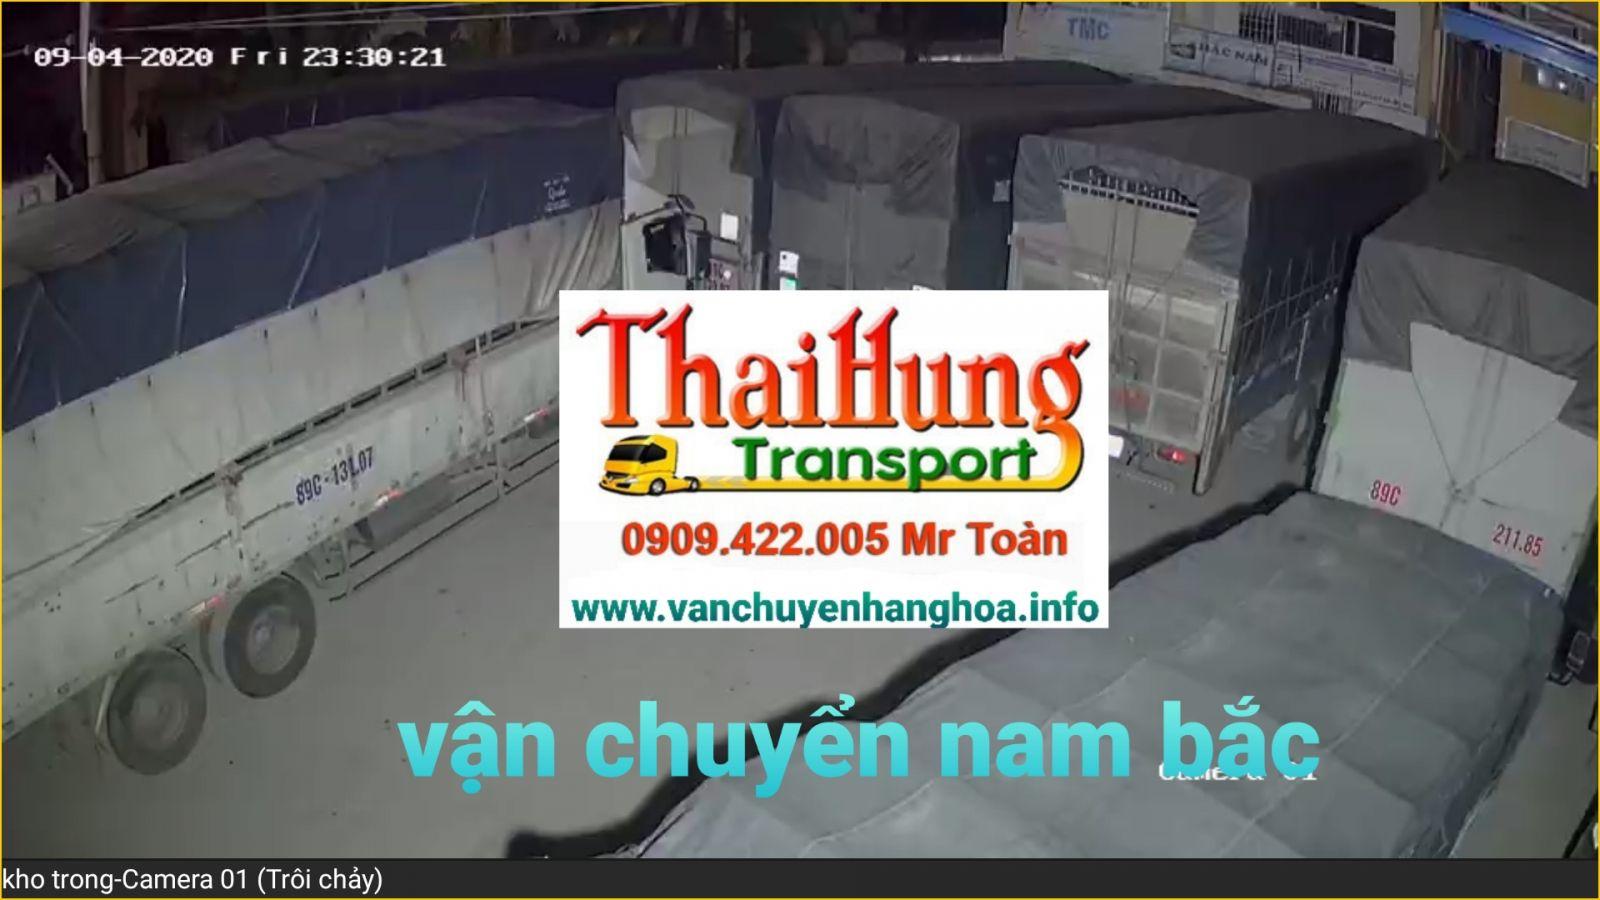 Đội xe tải chuyển nhà Bắc Nam Thái Hùng